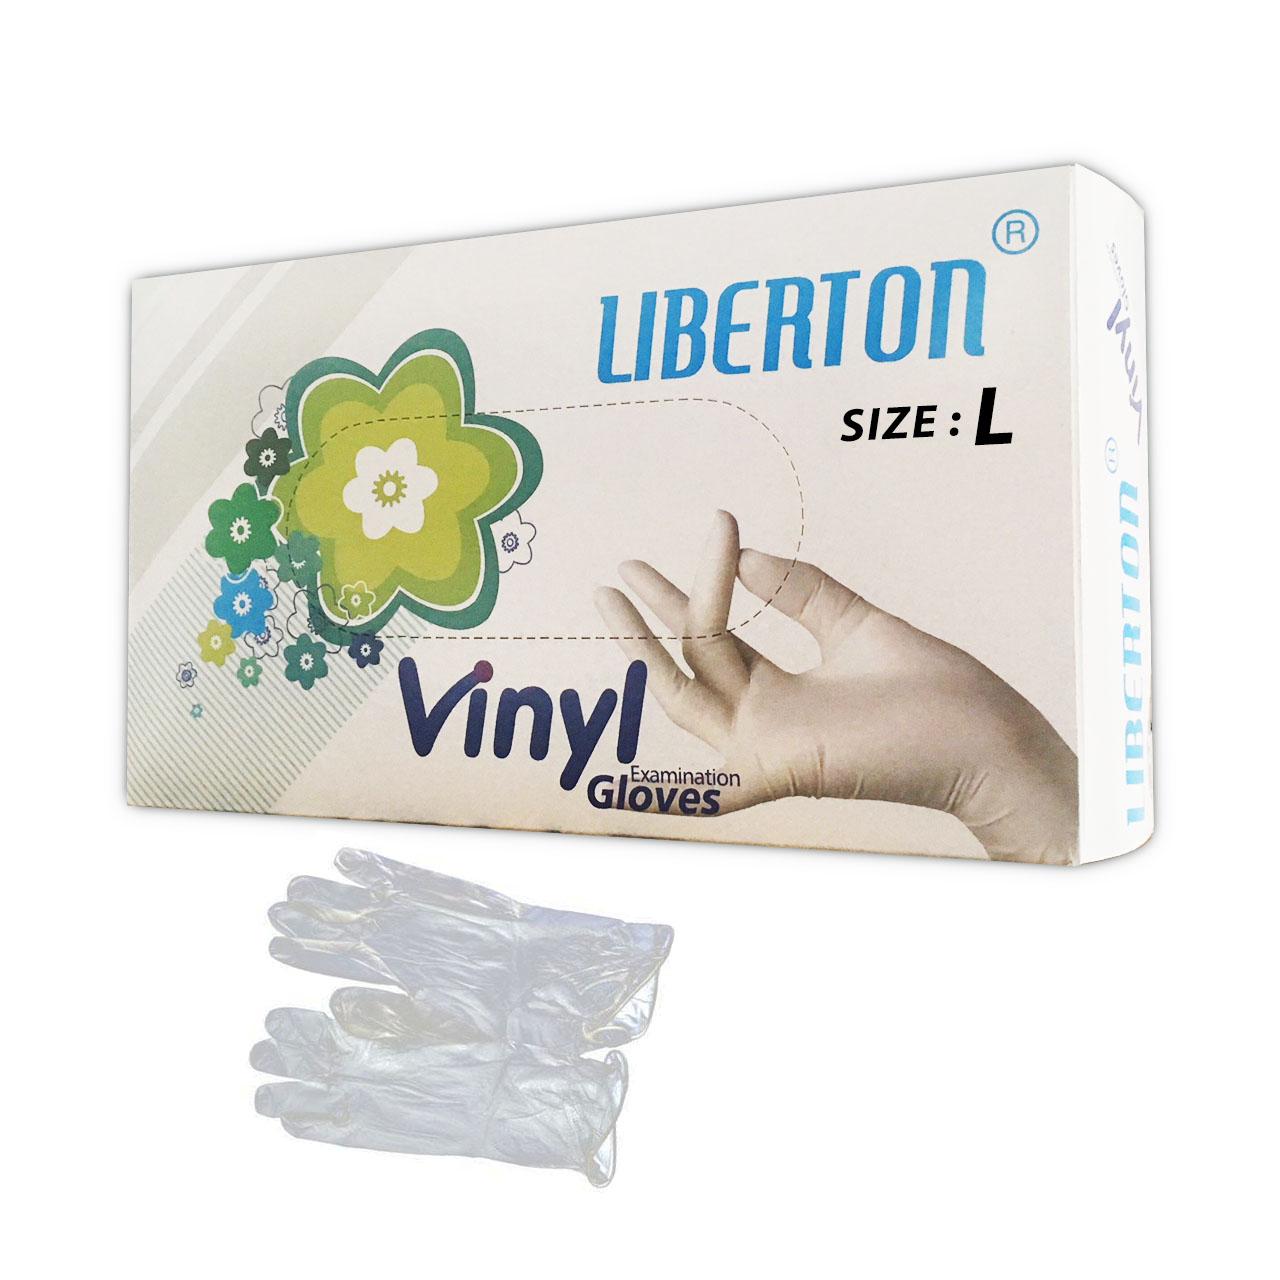 دستکش یکبار مصرف ونیل بدون پودر لیبرتون مدل بی رنگ سایز بزرگ بسته ۱۰۰ عددی